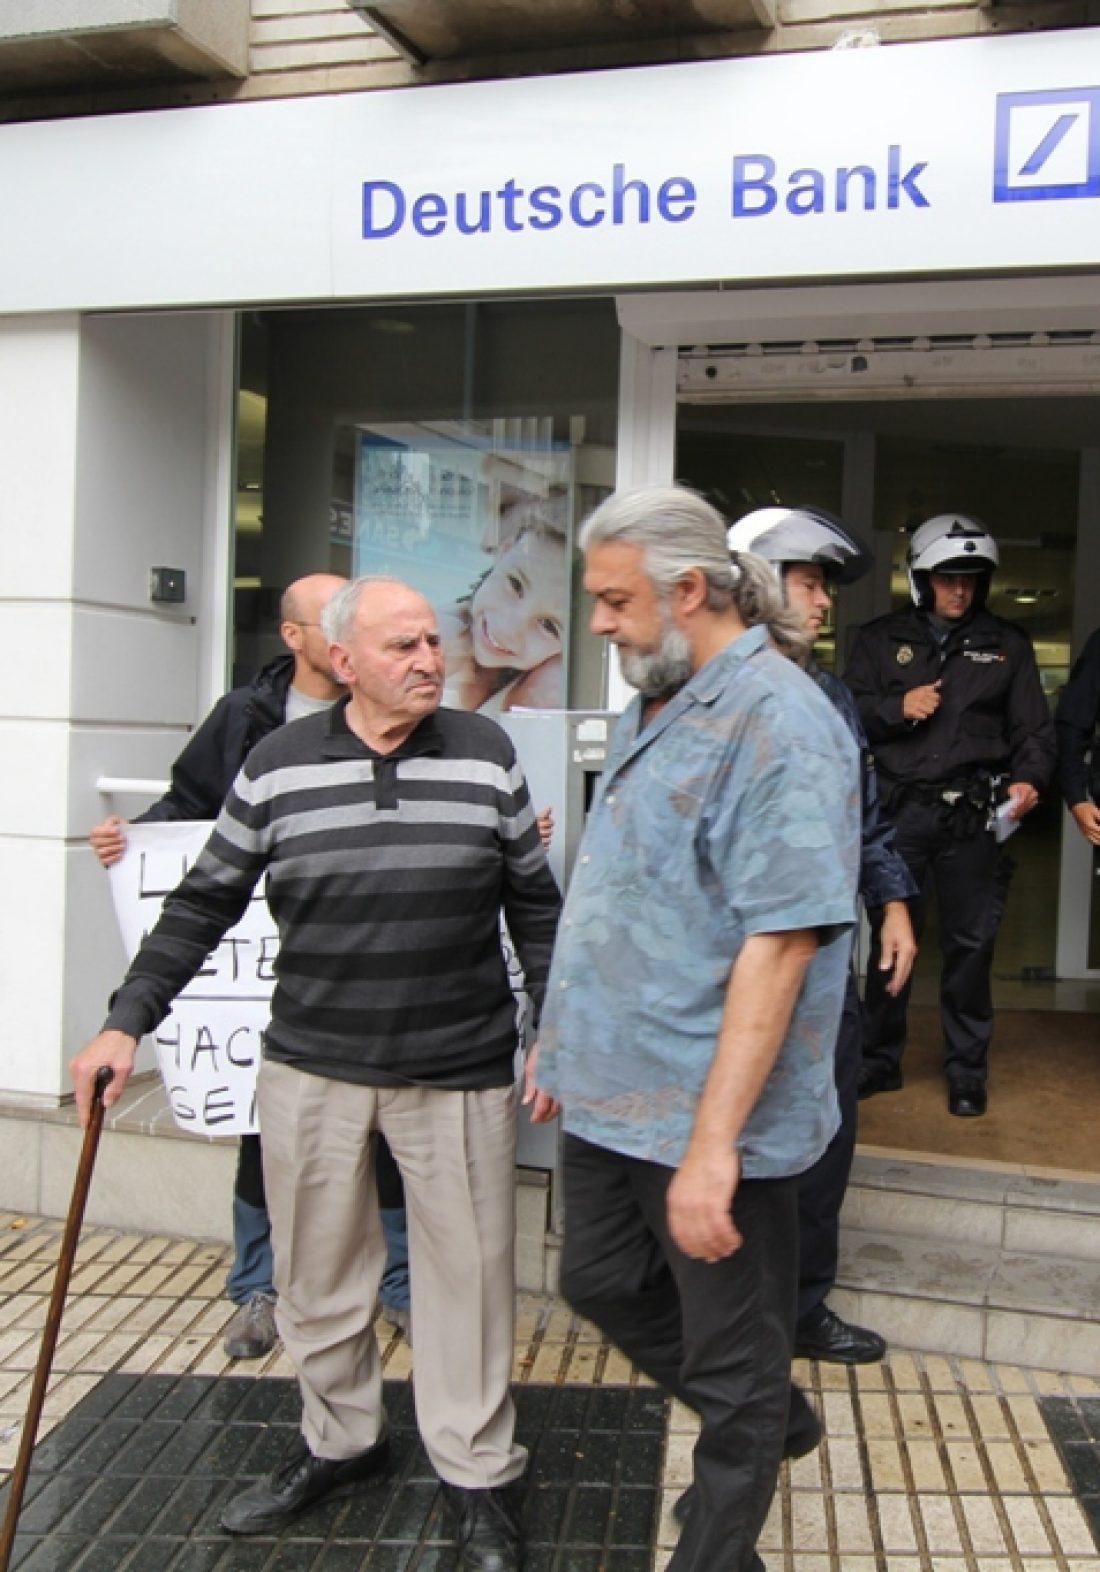 CGT ocupa una sucursal de Deutsche Bank en Sevilla para exigir la libertad de detenidos el 25-S